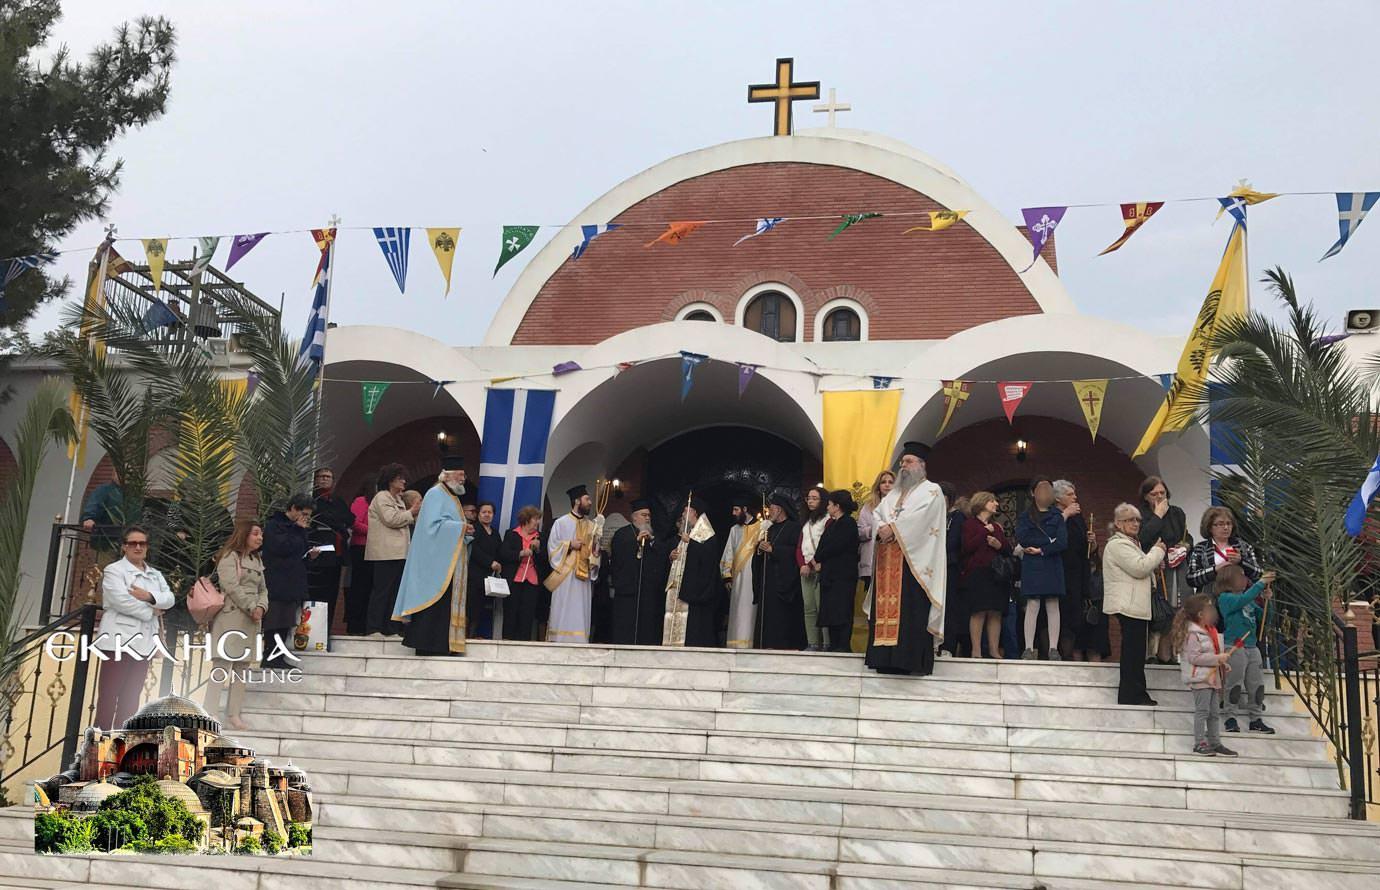 αγία ματρώνα ιερός ναός ερυθραία 2019